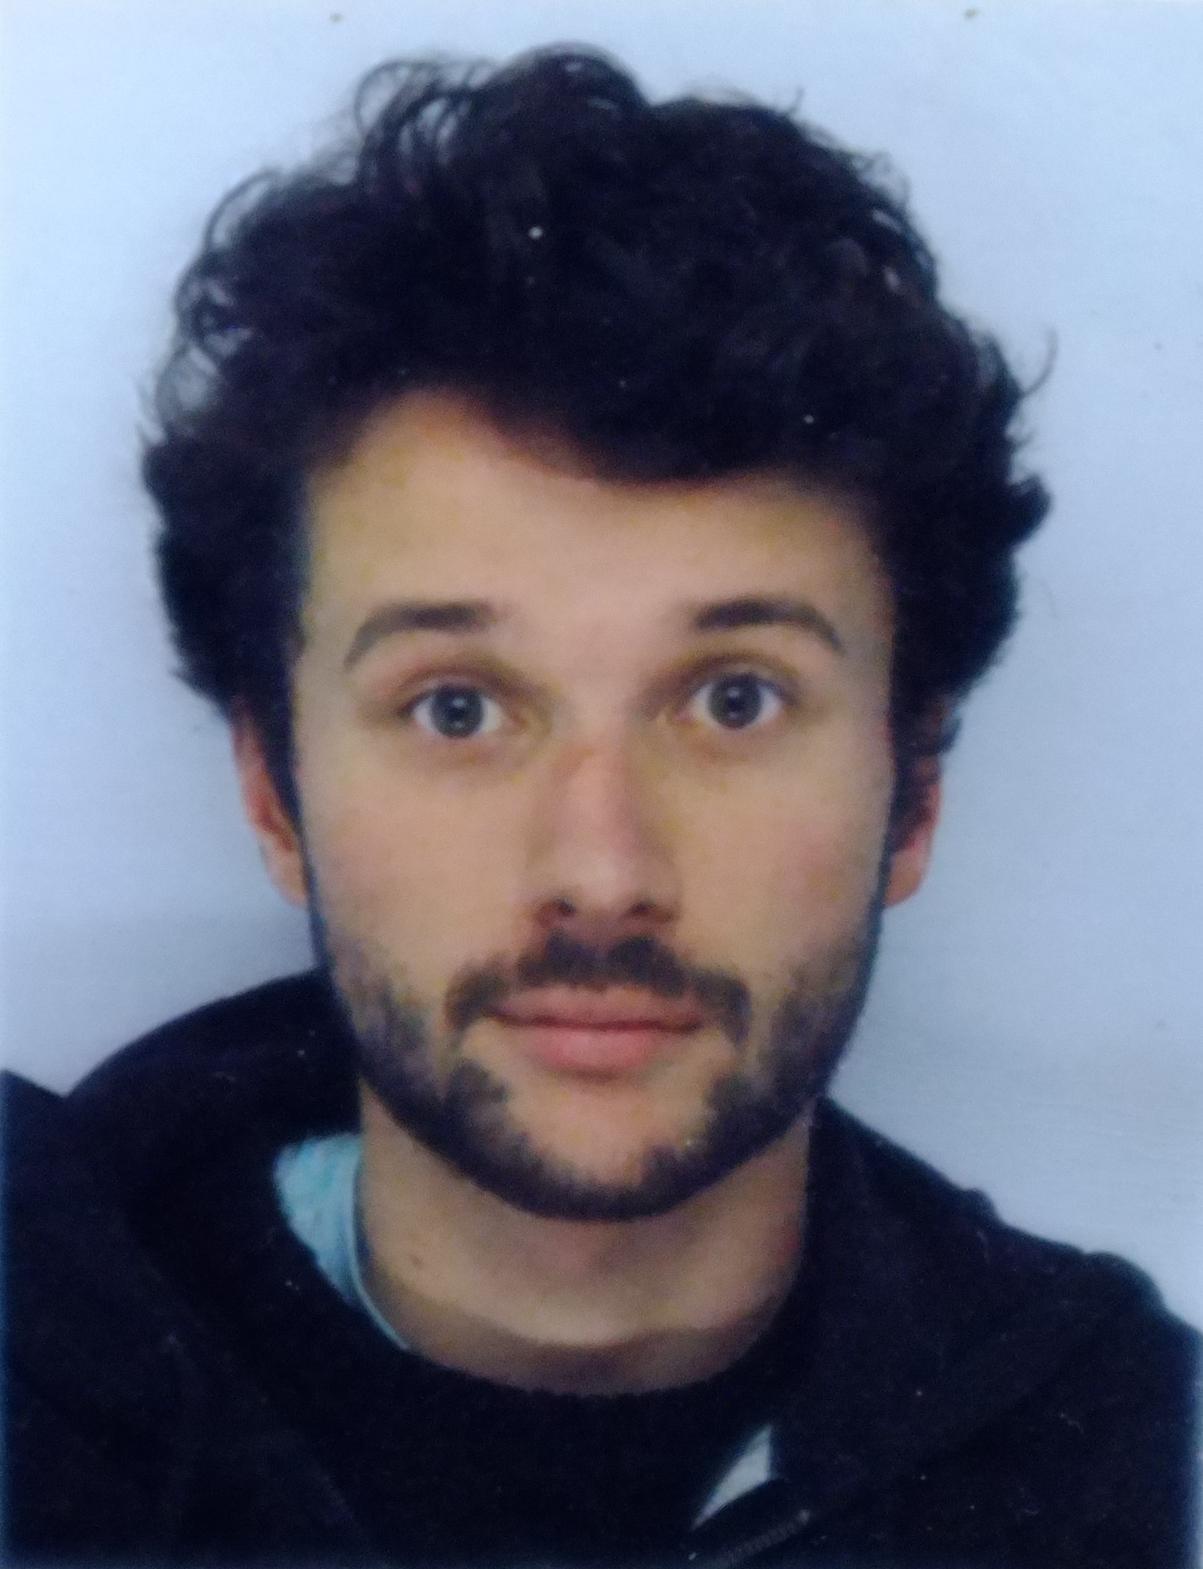 Léo Durin